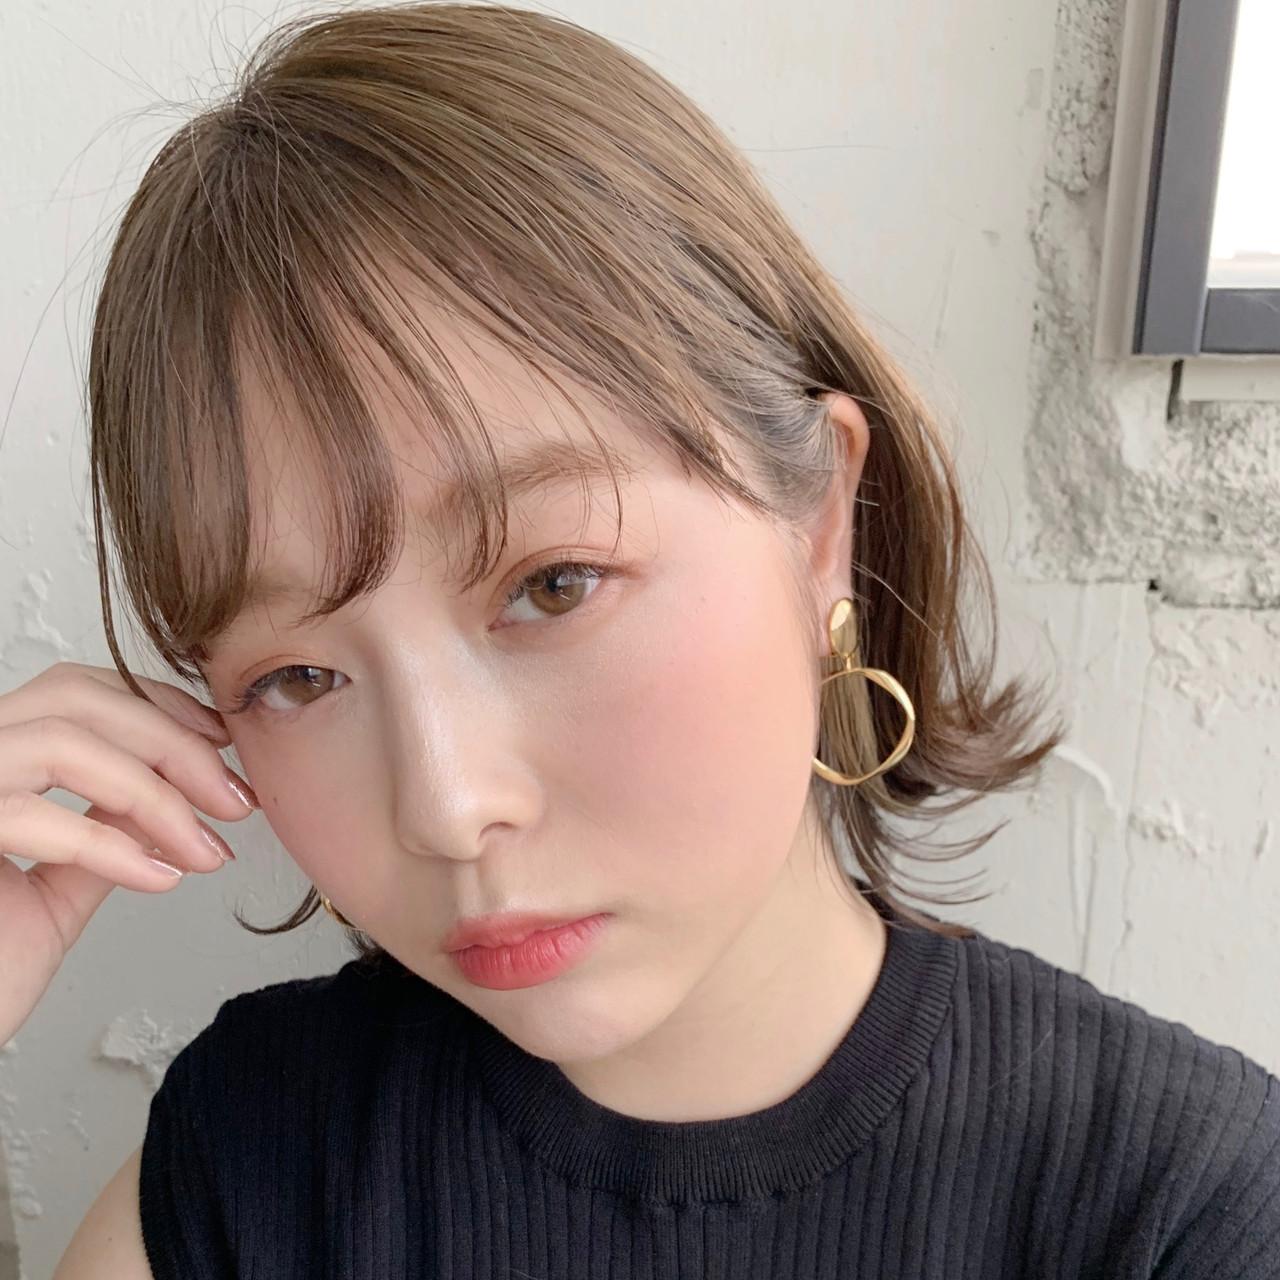 外ハネボブ ナチュラル ショートヘア ボブ ヘアスタイルや髪型の写真・画像   Natsuko Kodama 児玉奈都子 / dydi